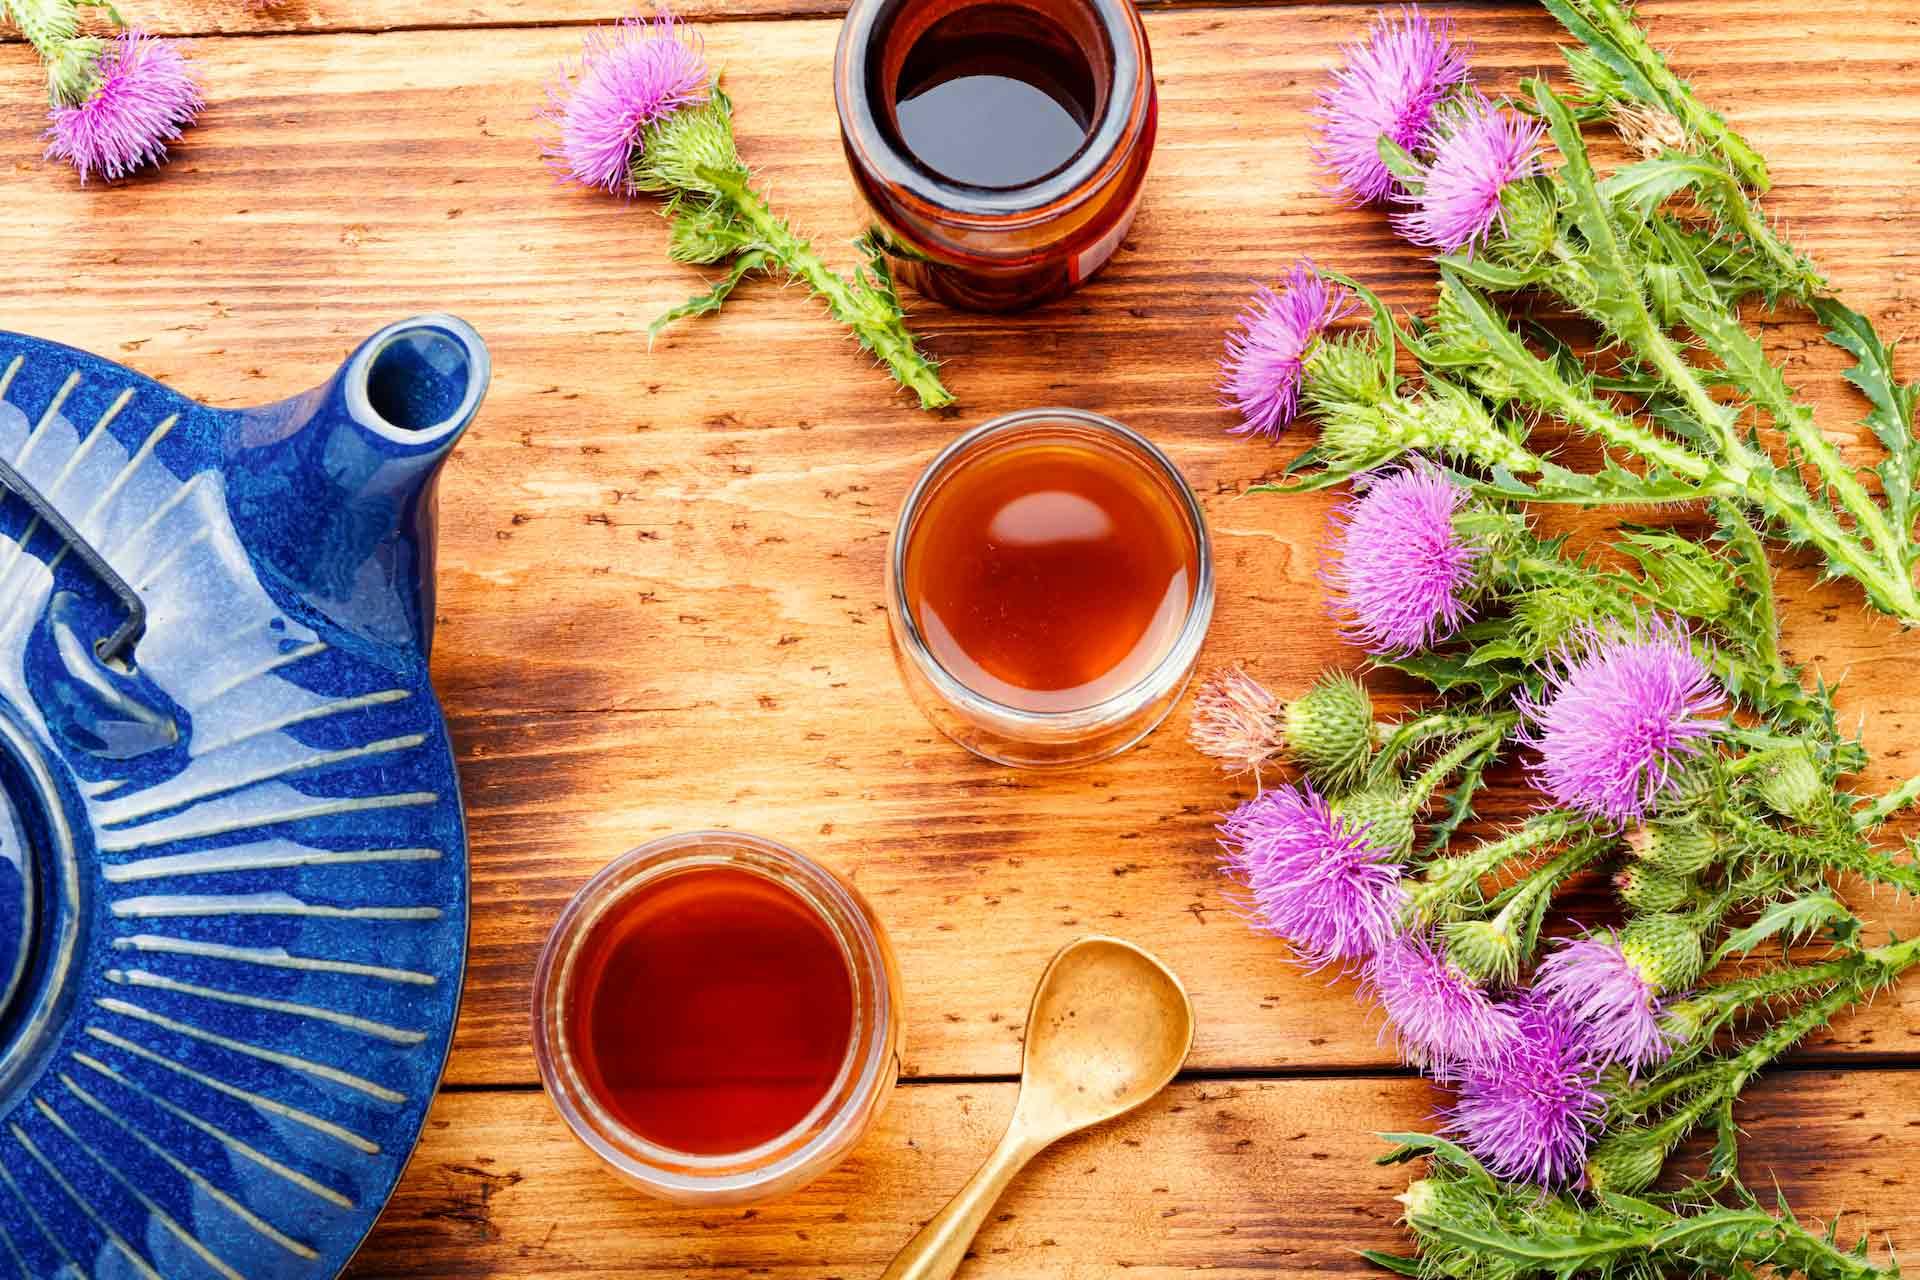 Čaj od čička u tri šalice, čajnik i svježi čičak sa strane